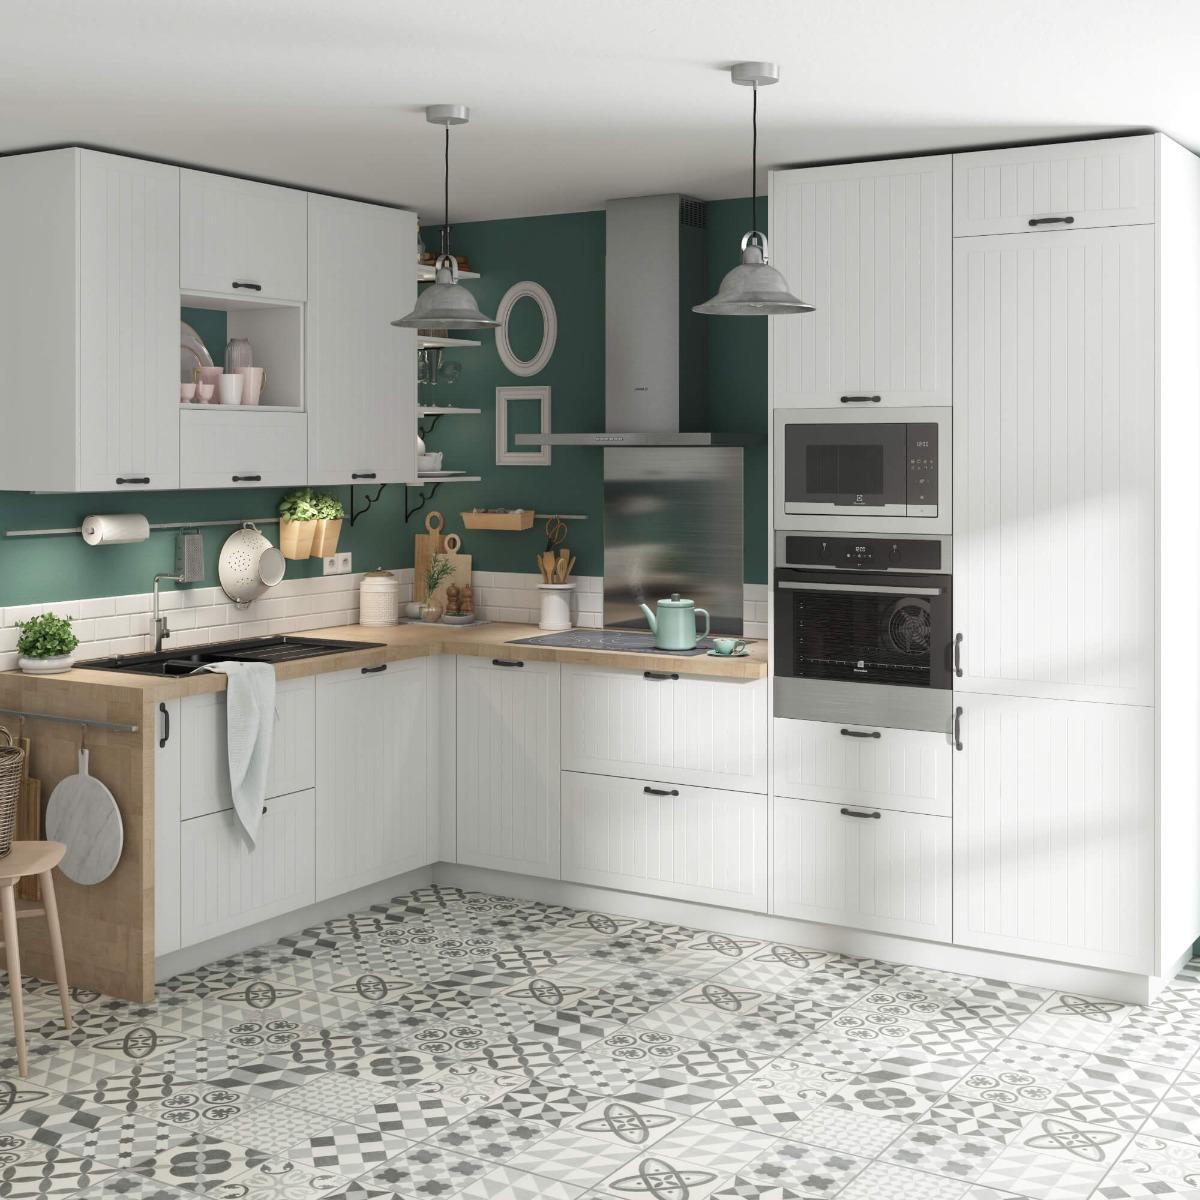 Delinia Toscane Designer Kitchen Mobi - Example 4